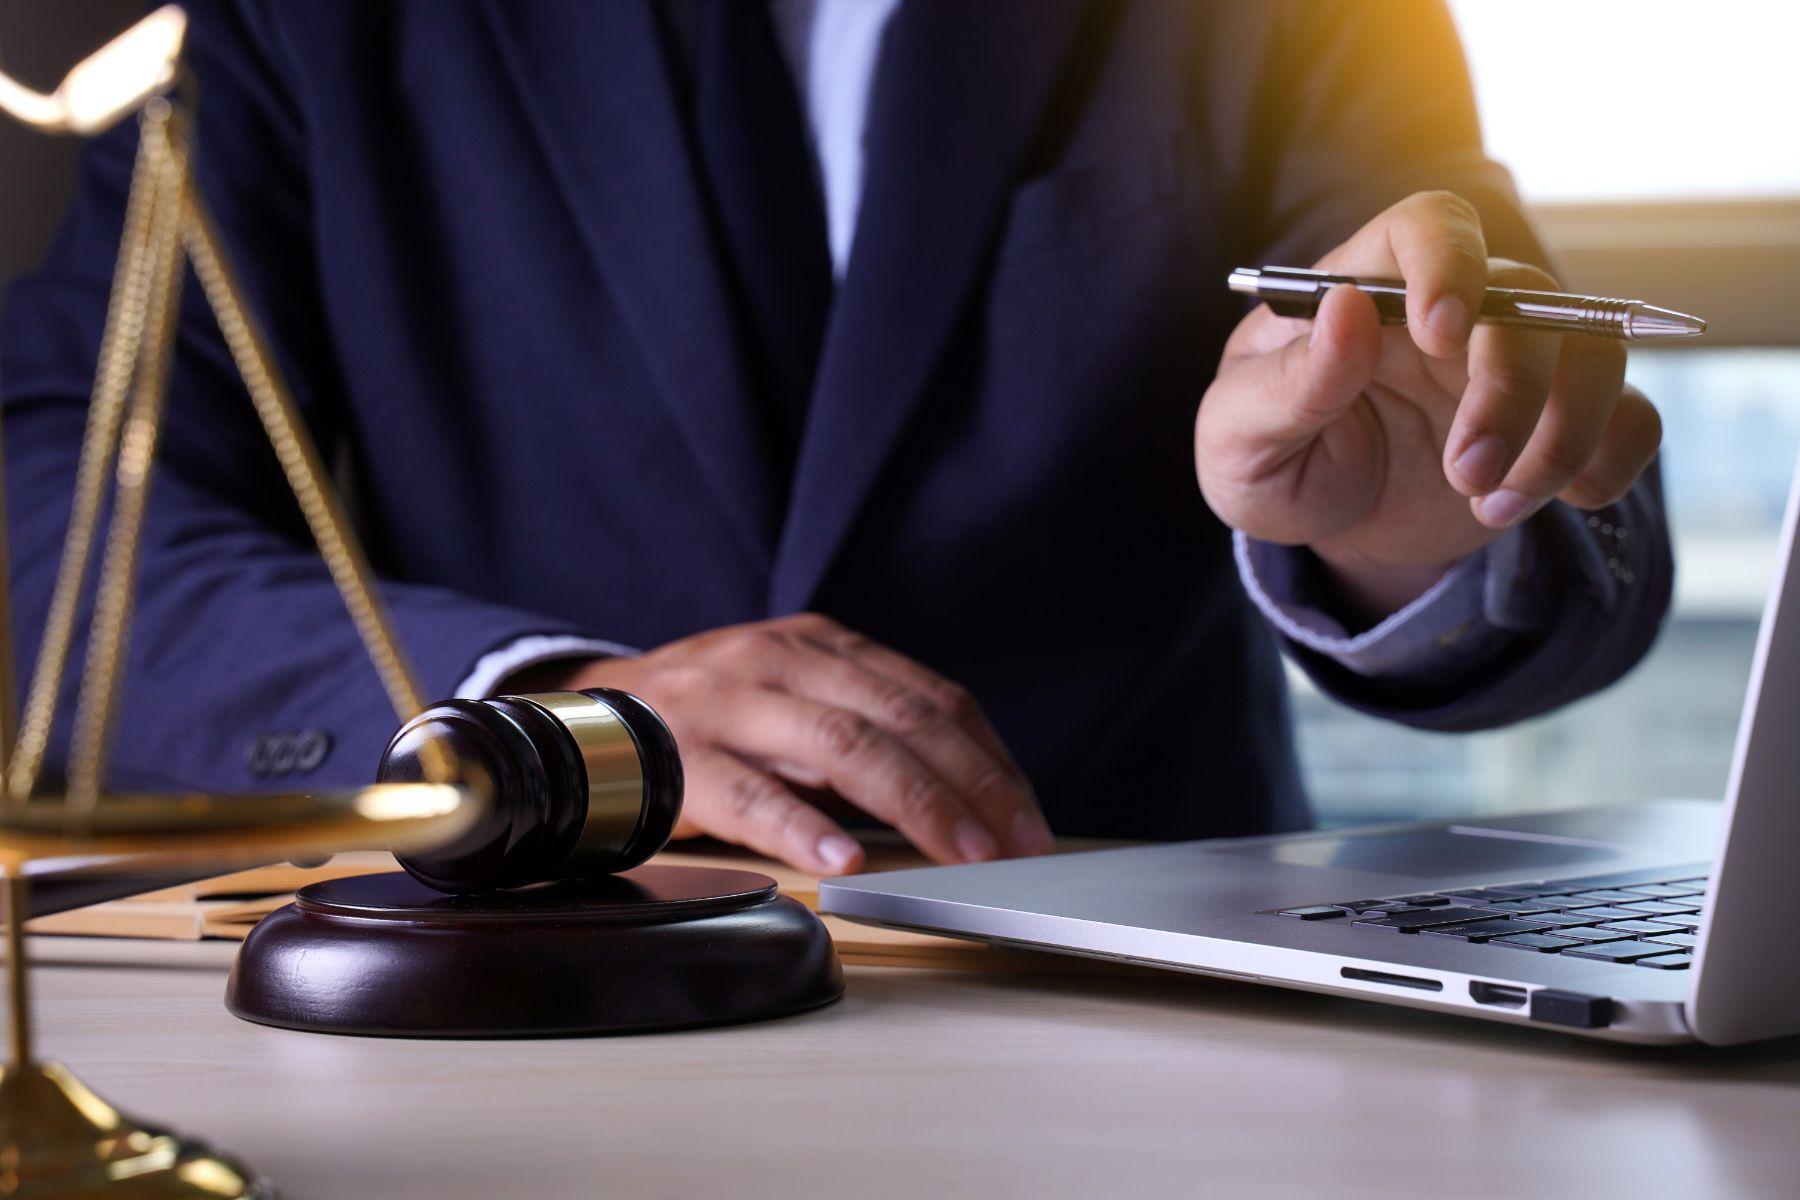 homem de terno com mao no computador indicando autenticacao de documentos de veiculos online